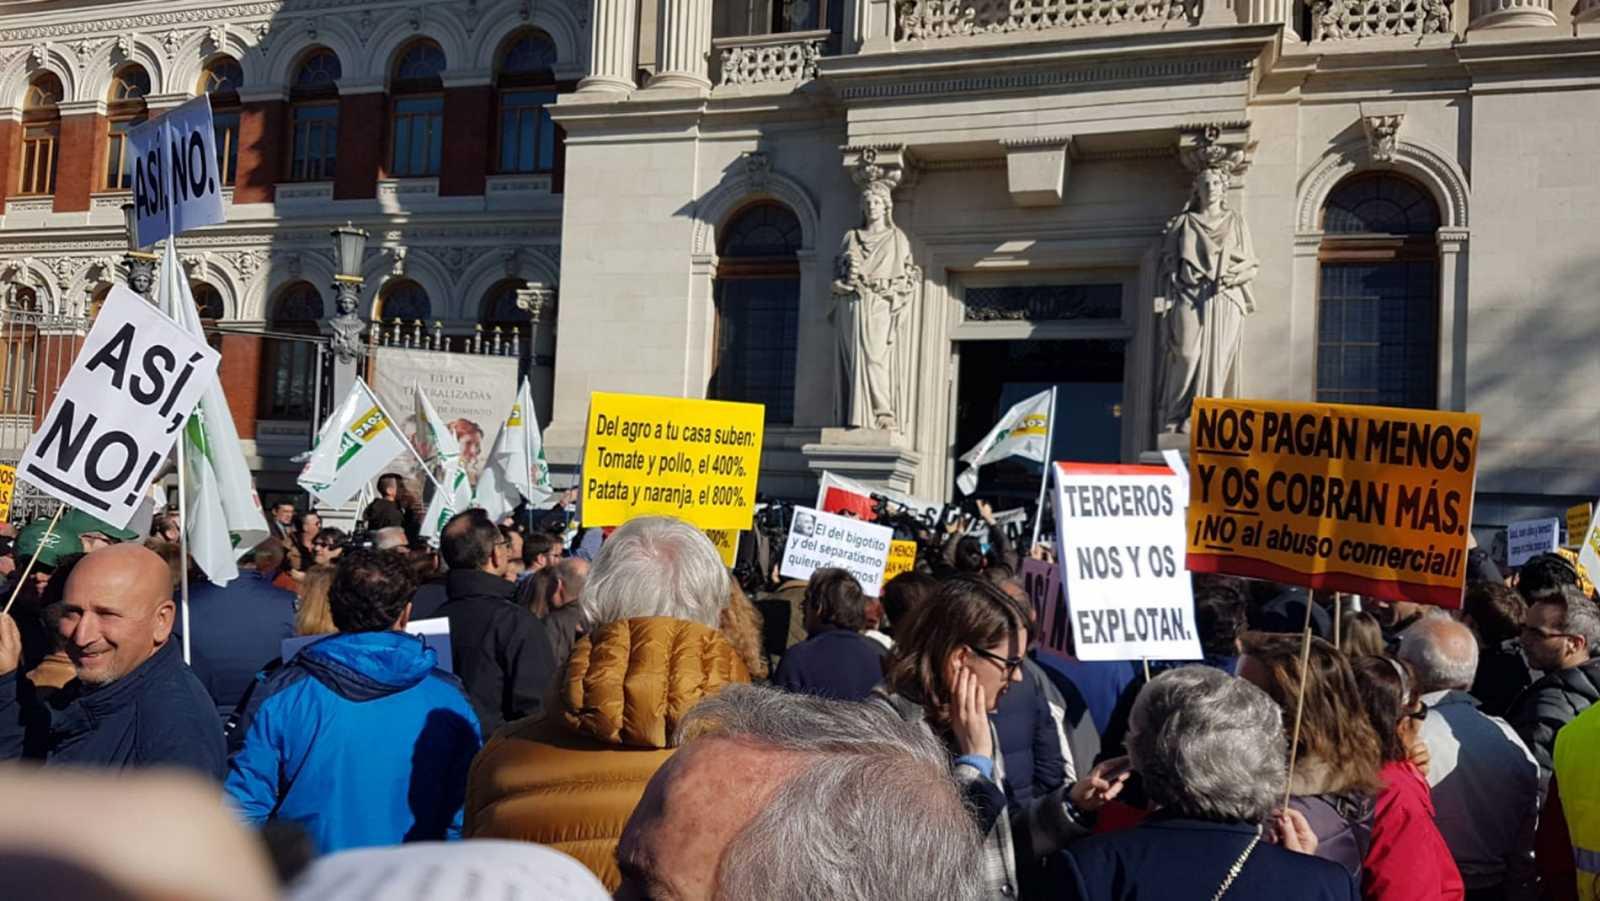 Los agricultores llevan su lucha a Madrid. Mientras, el Gobierno Sánchez, contra el que protestan, les dice que está con ellos